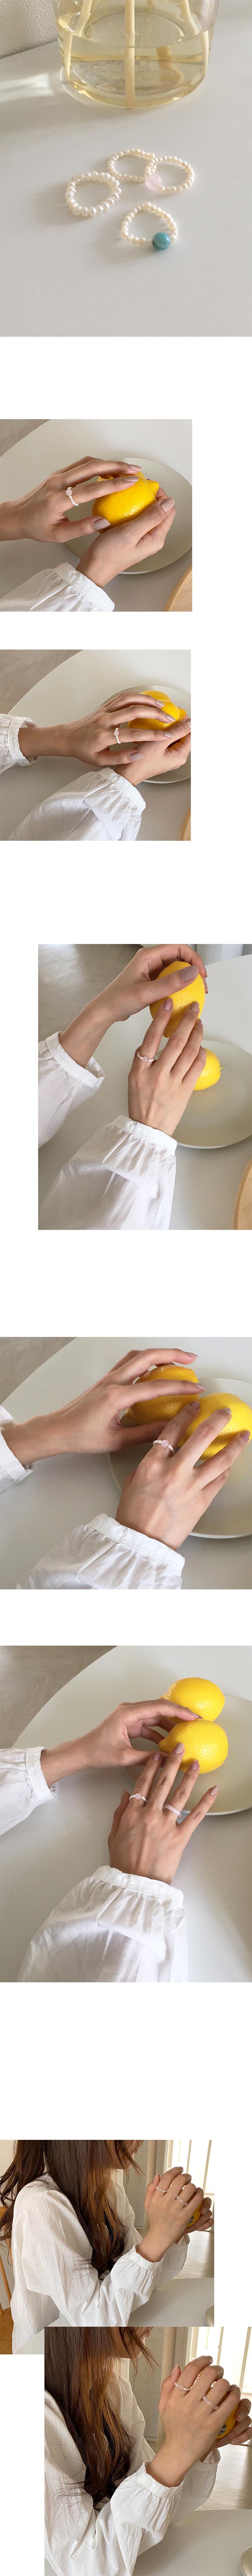 珍珠串戒指